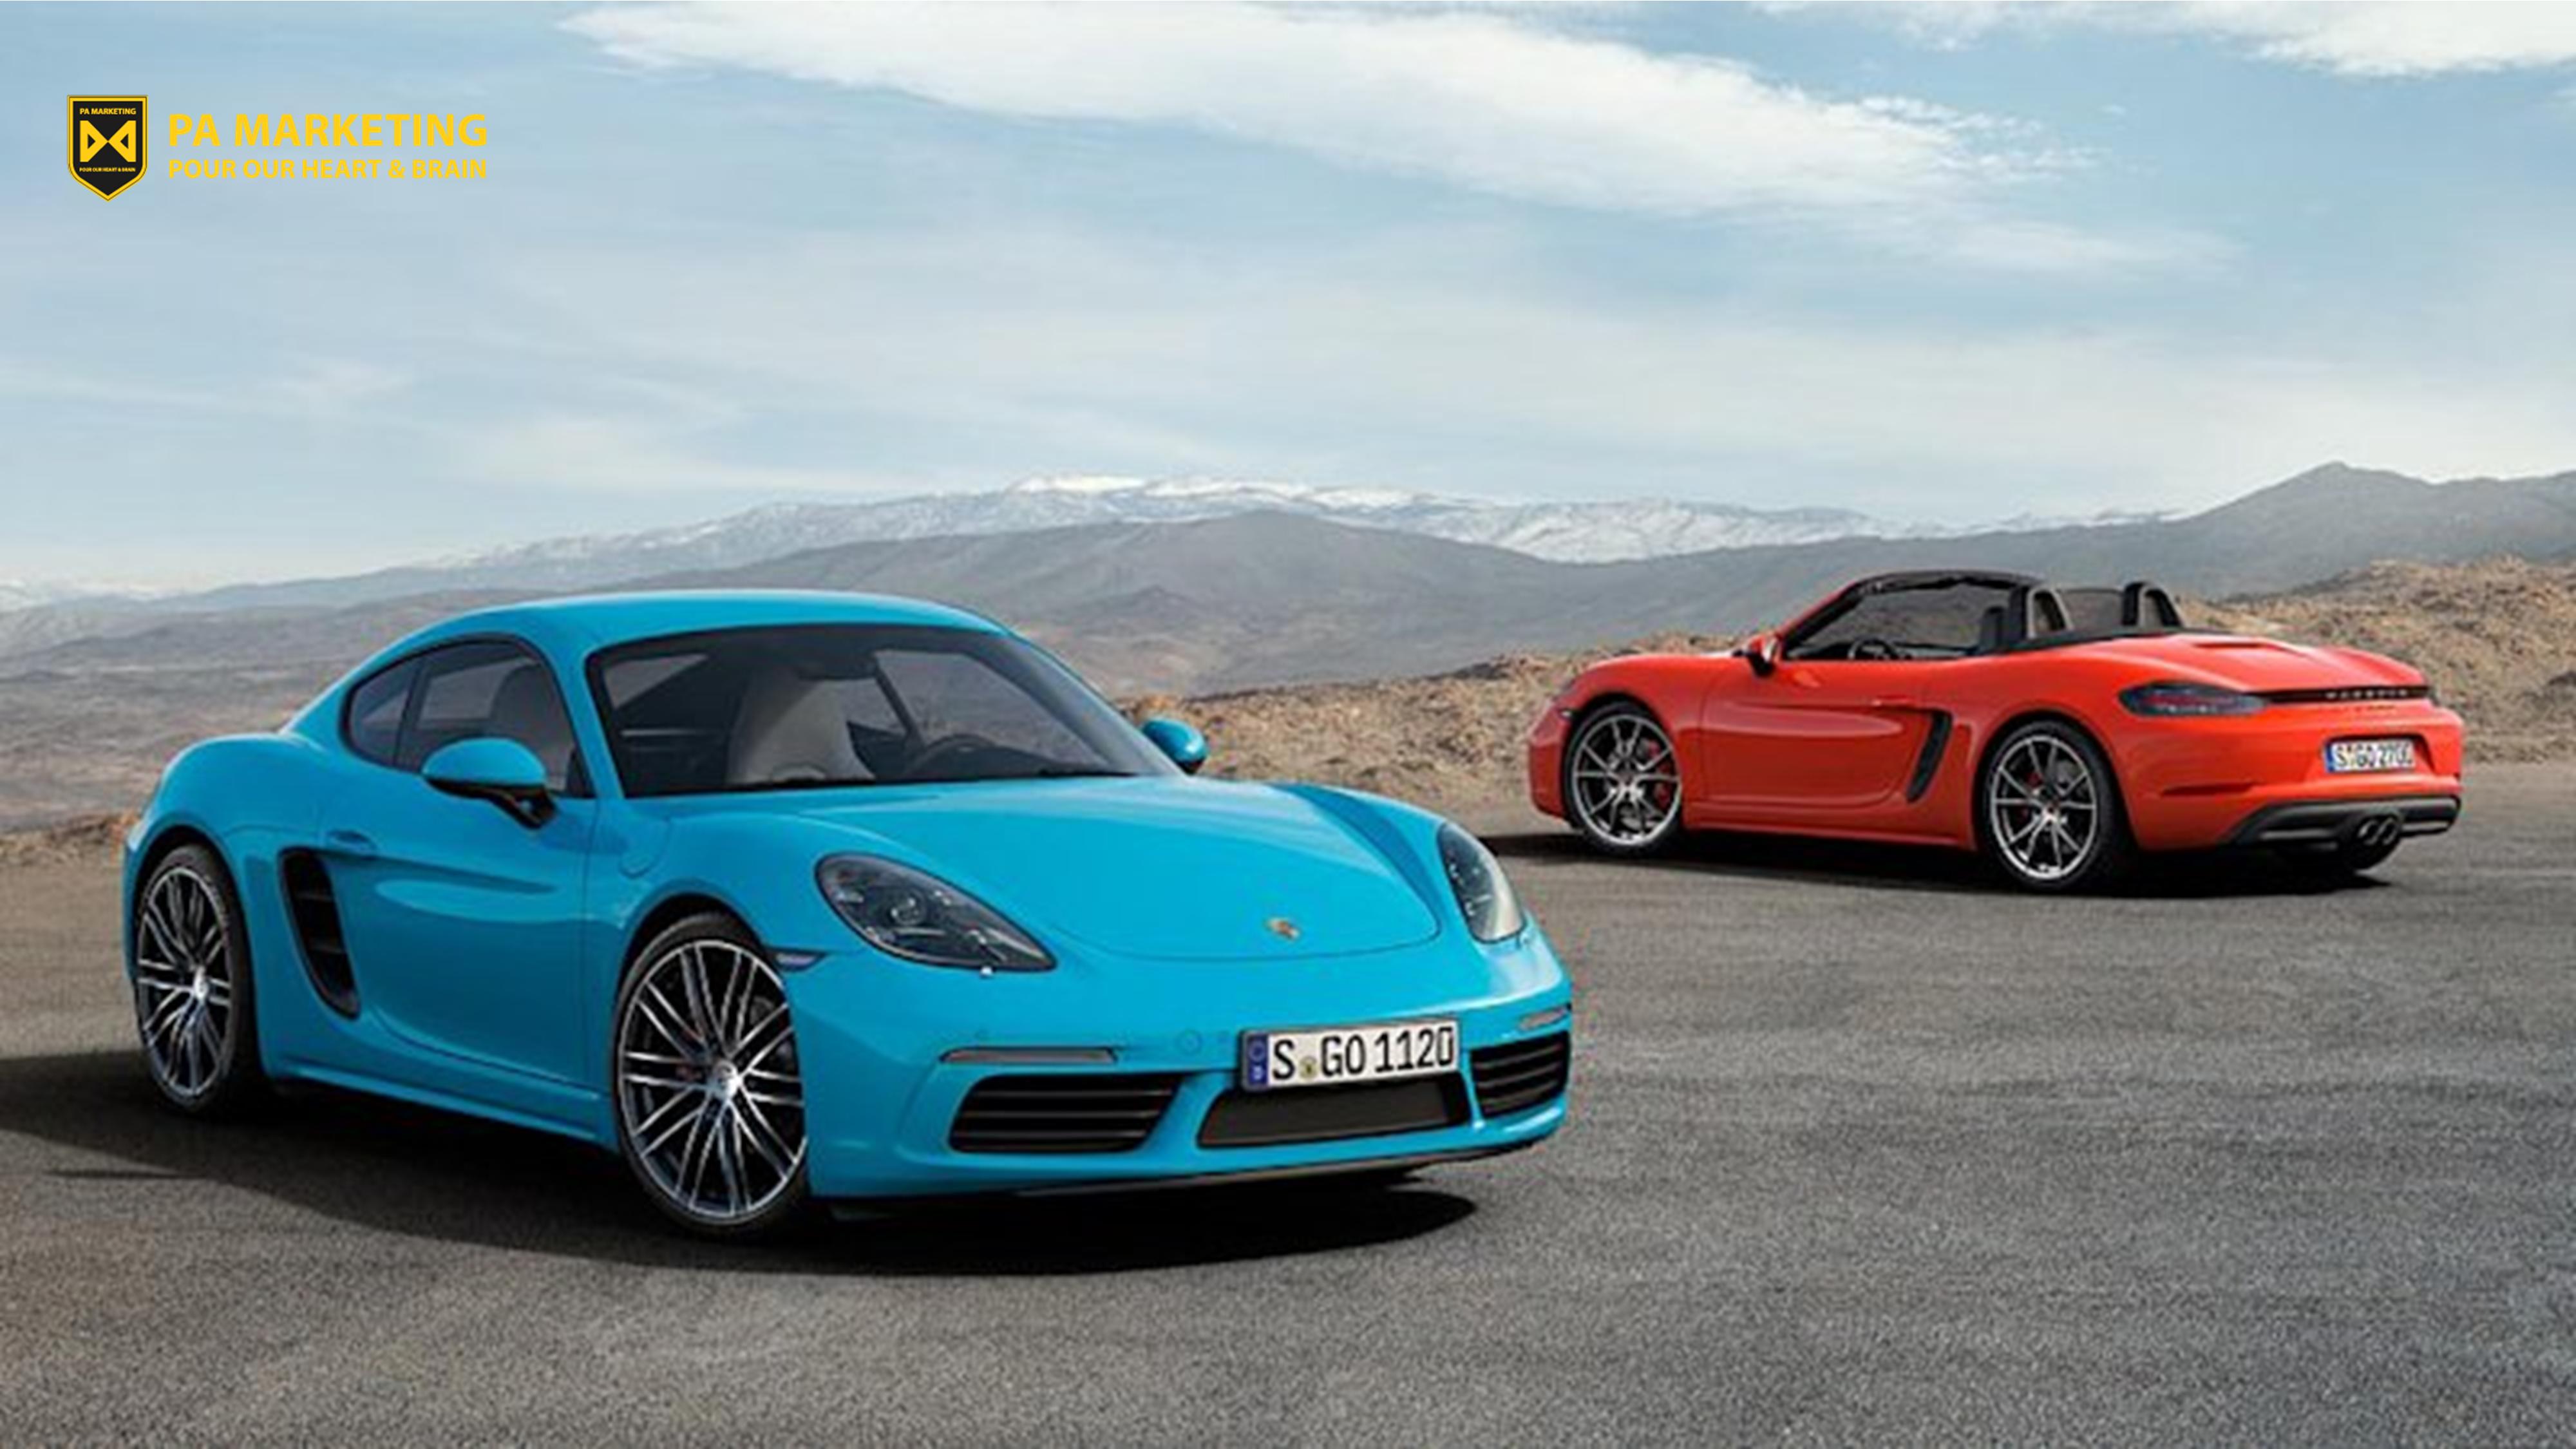 Mô hình doanh thu đăng ký 2 tầng của Porsche - Khởi động và Tăng tốc.